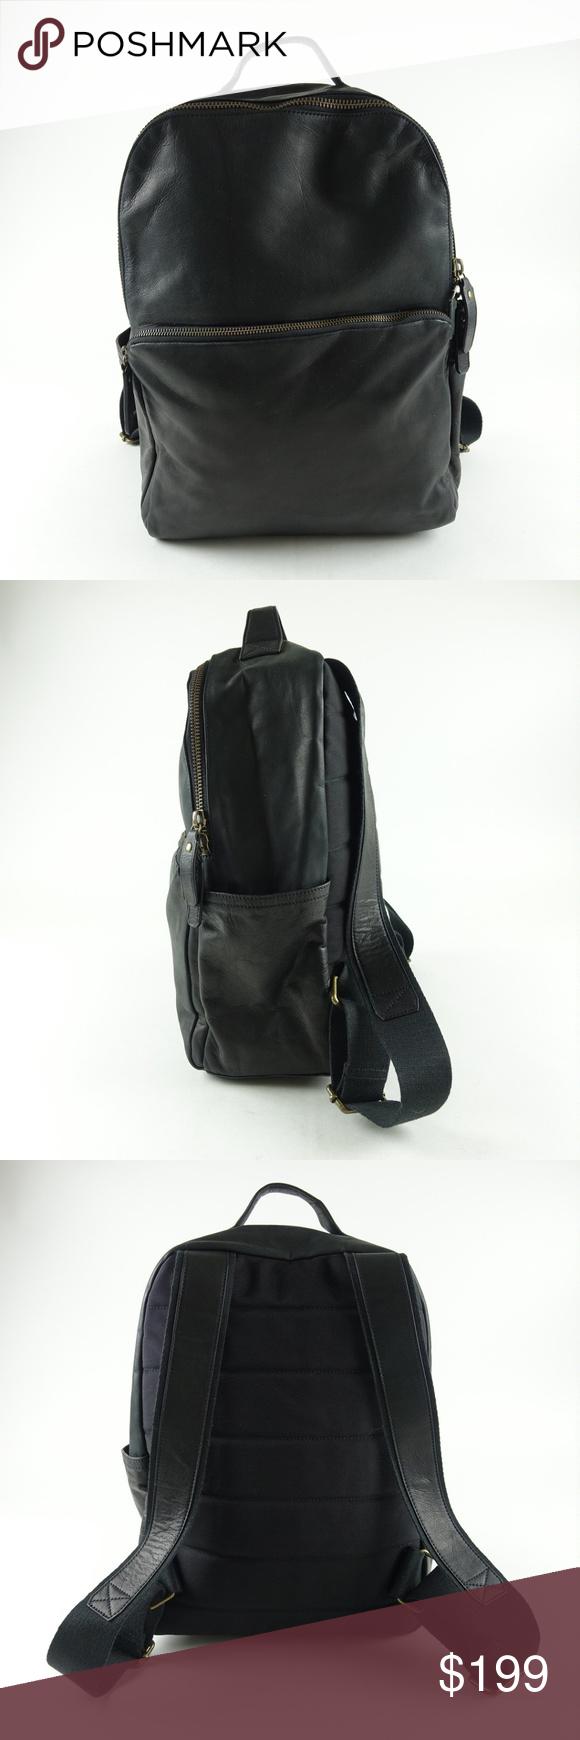 Banana Republic Troubadour Backpack Italian Leathe 855e4a137e